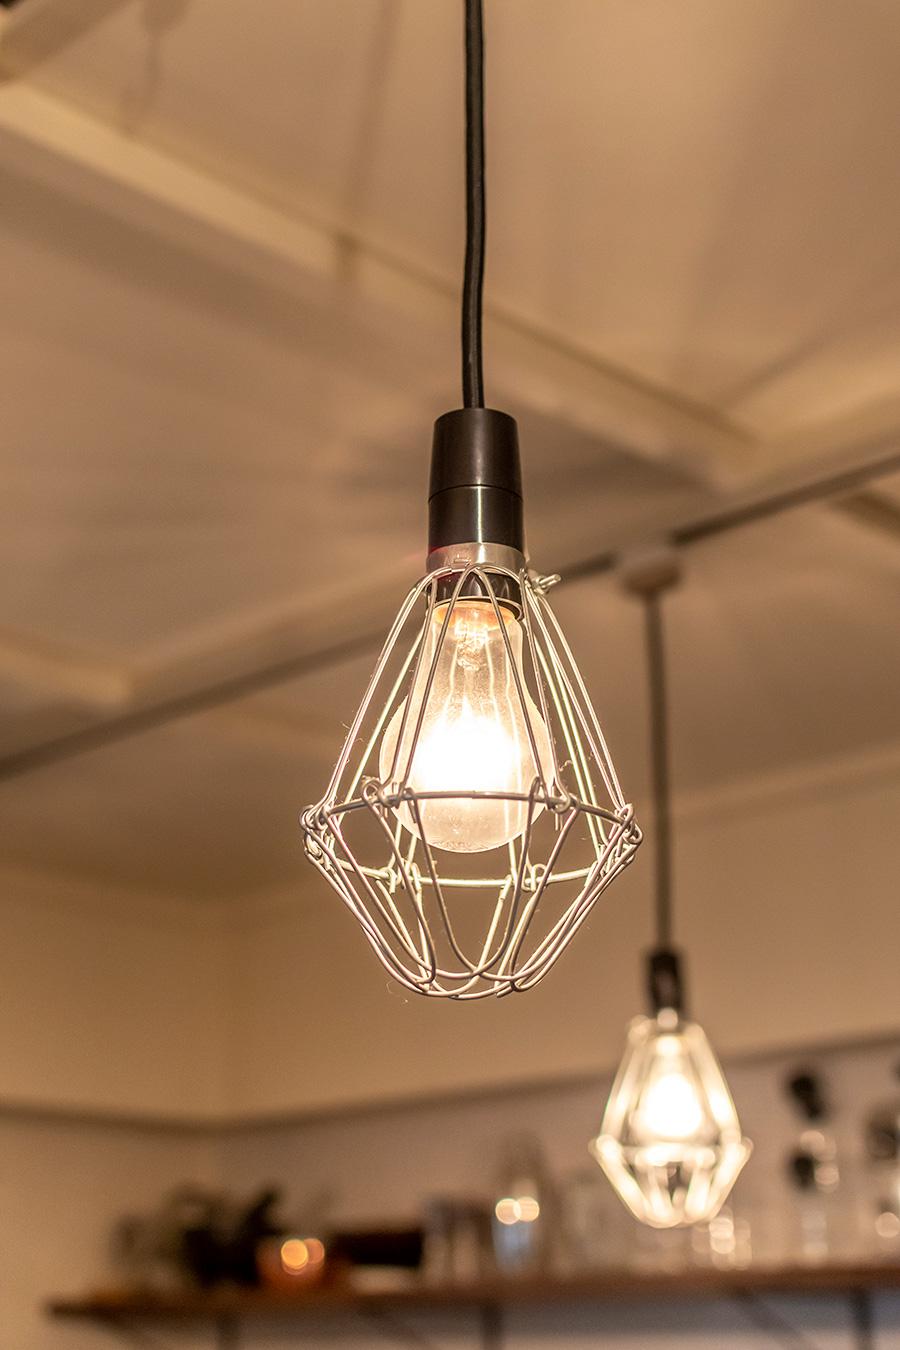 メタルの電球ガードは「東急ハンズ」で購入。